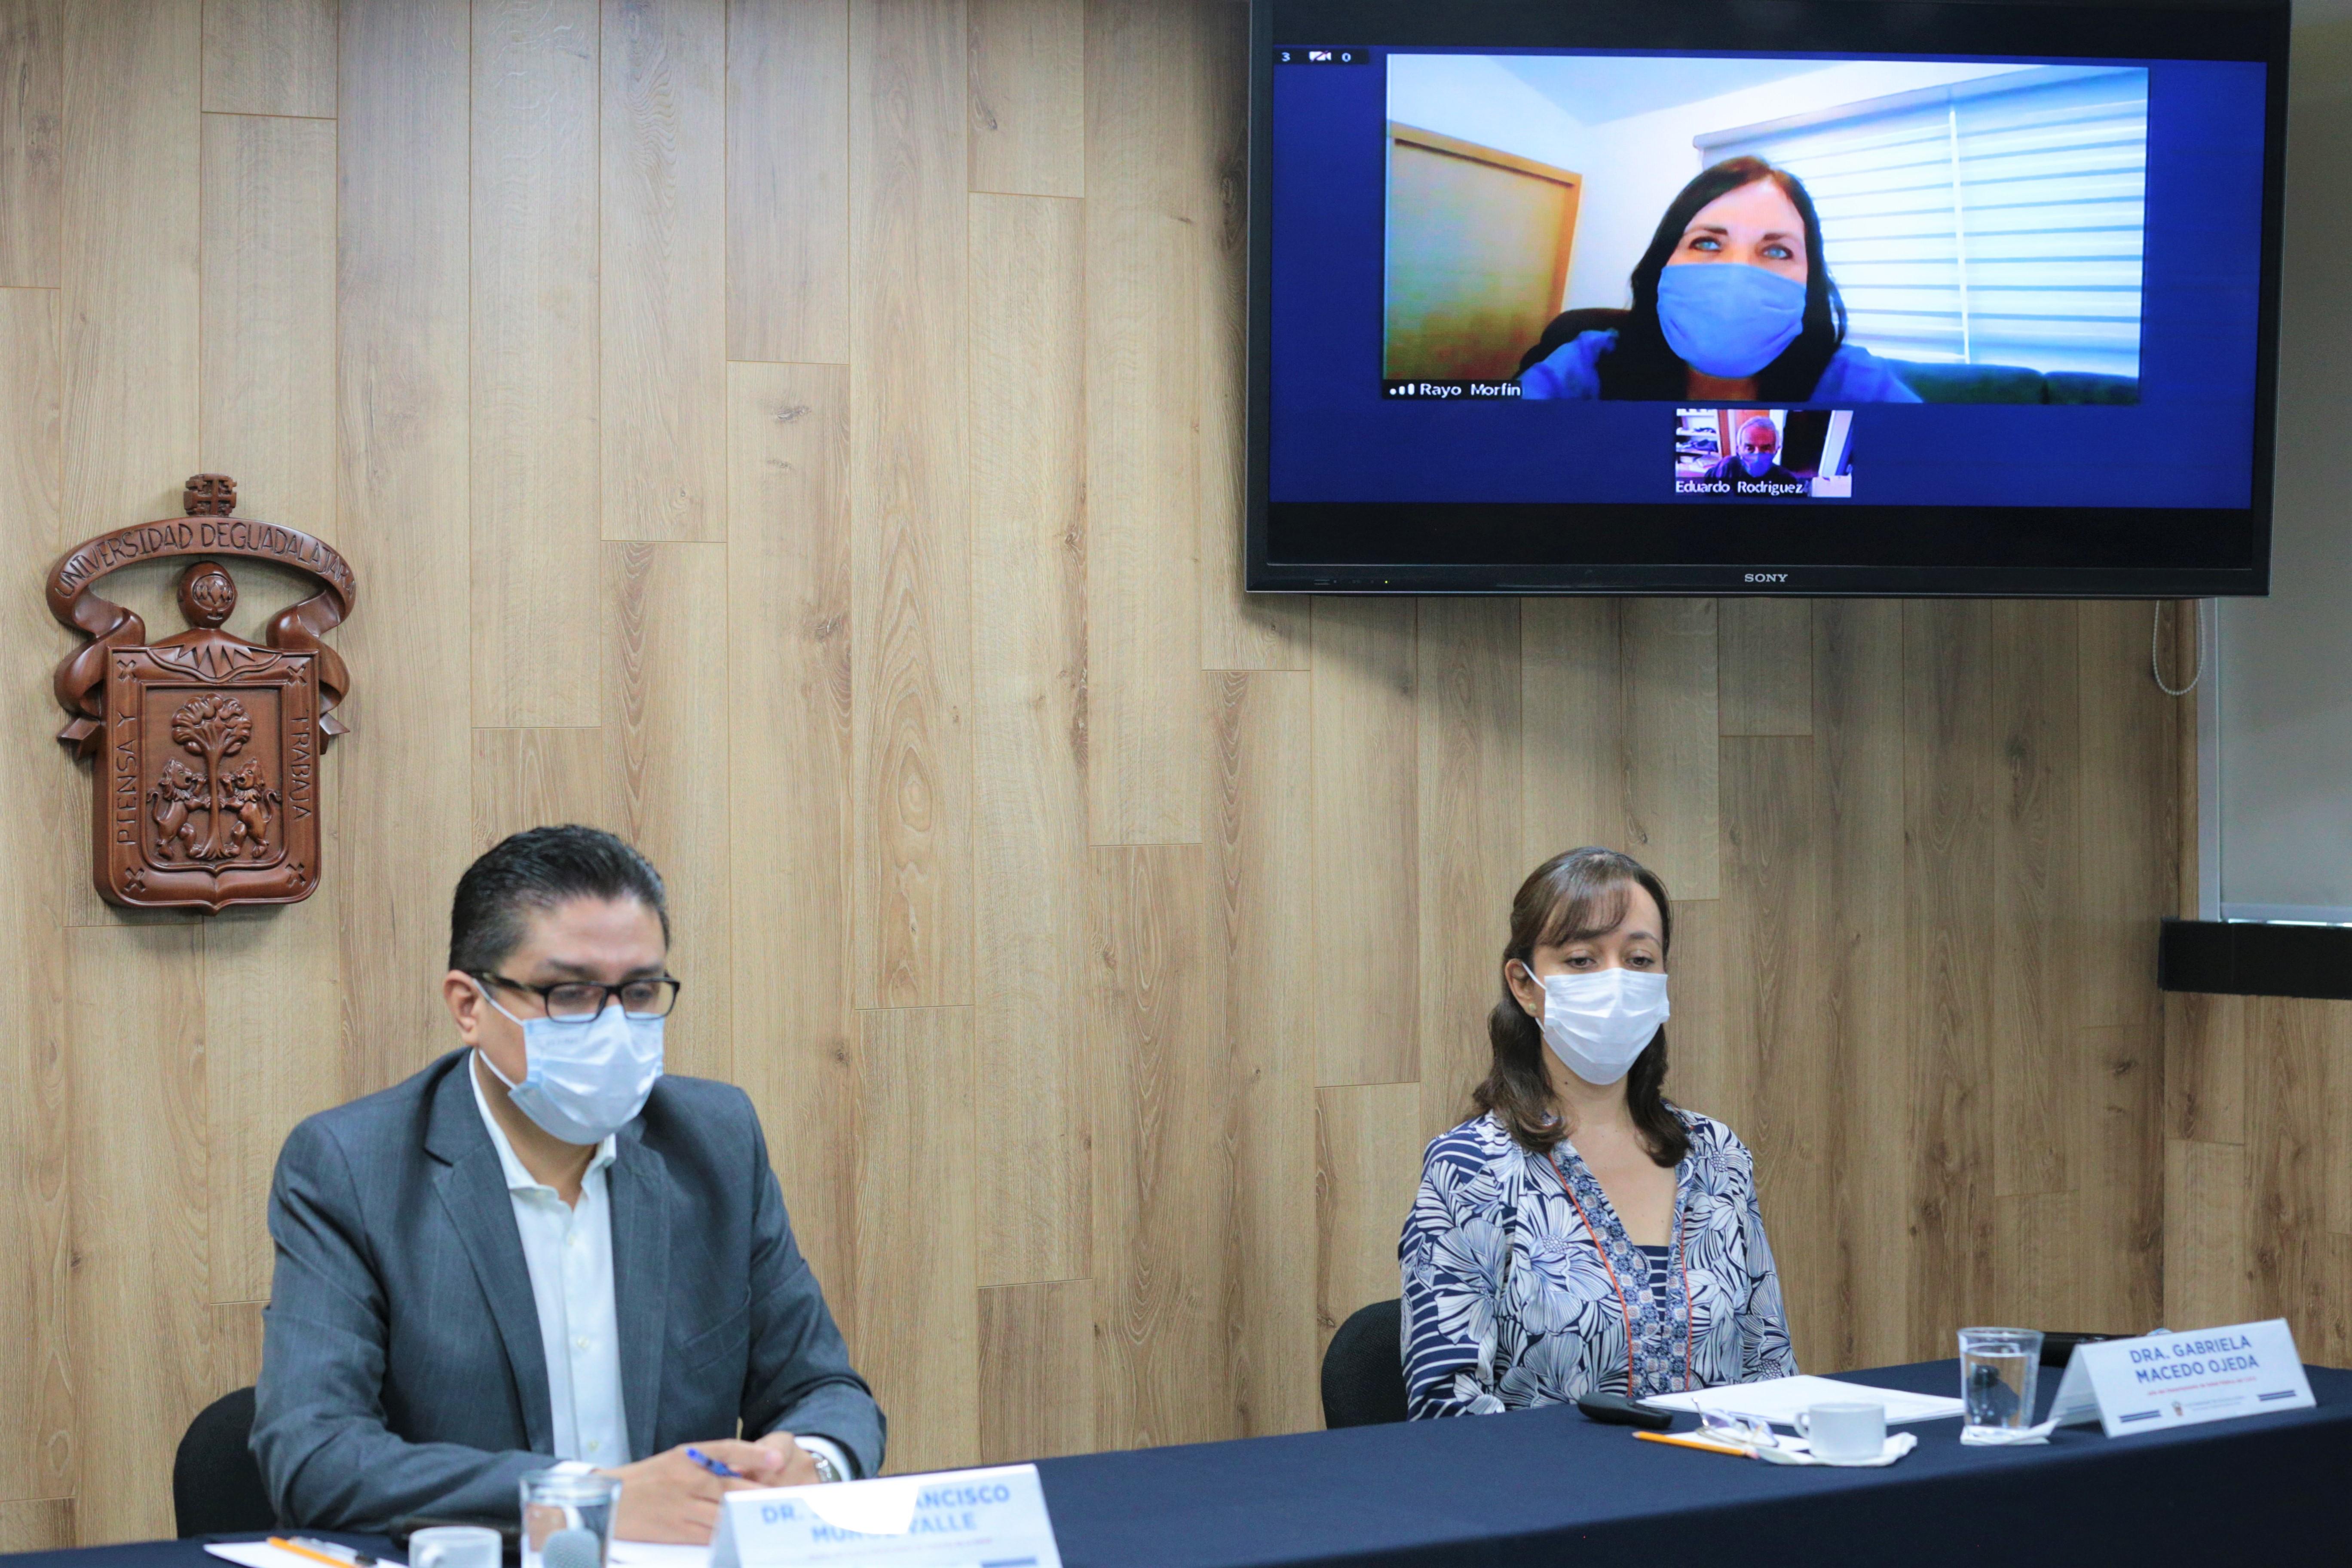 Miembros del presídium y en la pantalla la Dra. Rayo Morfín